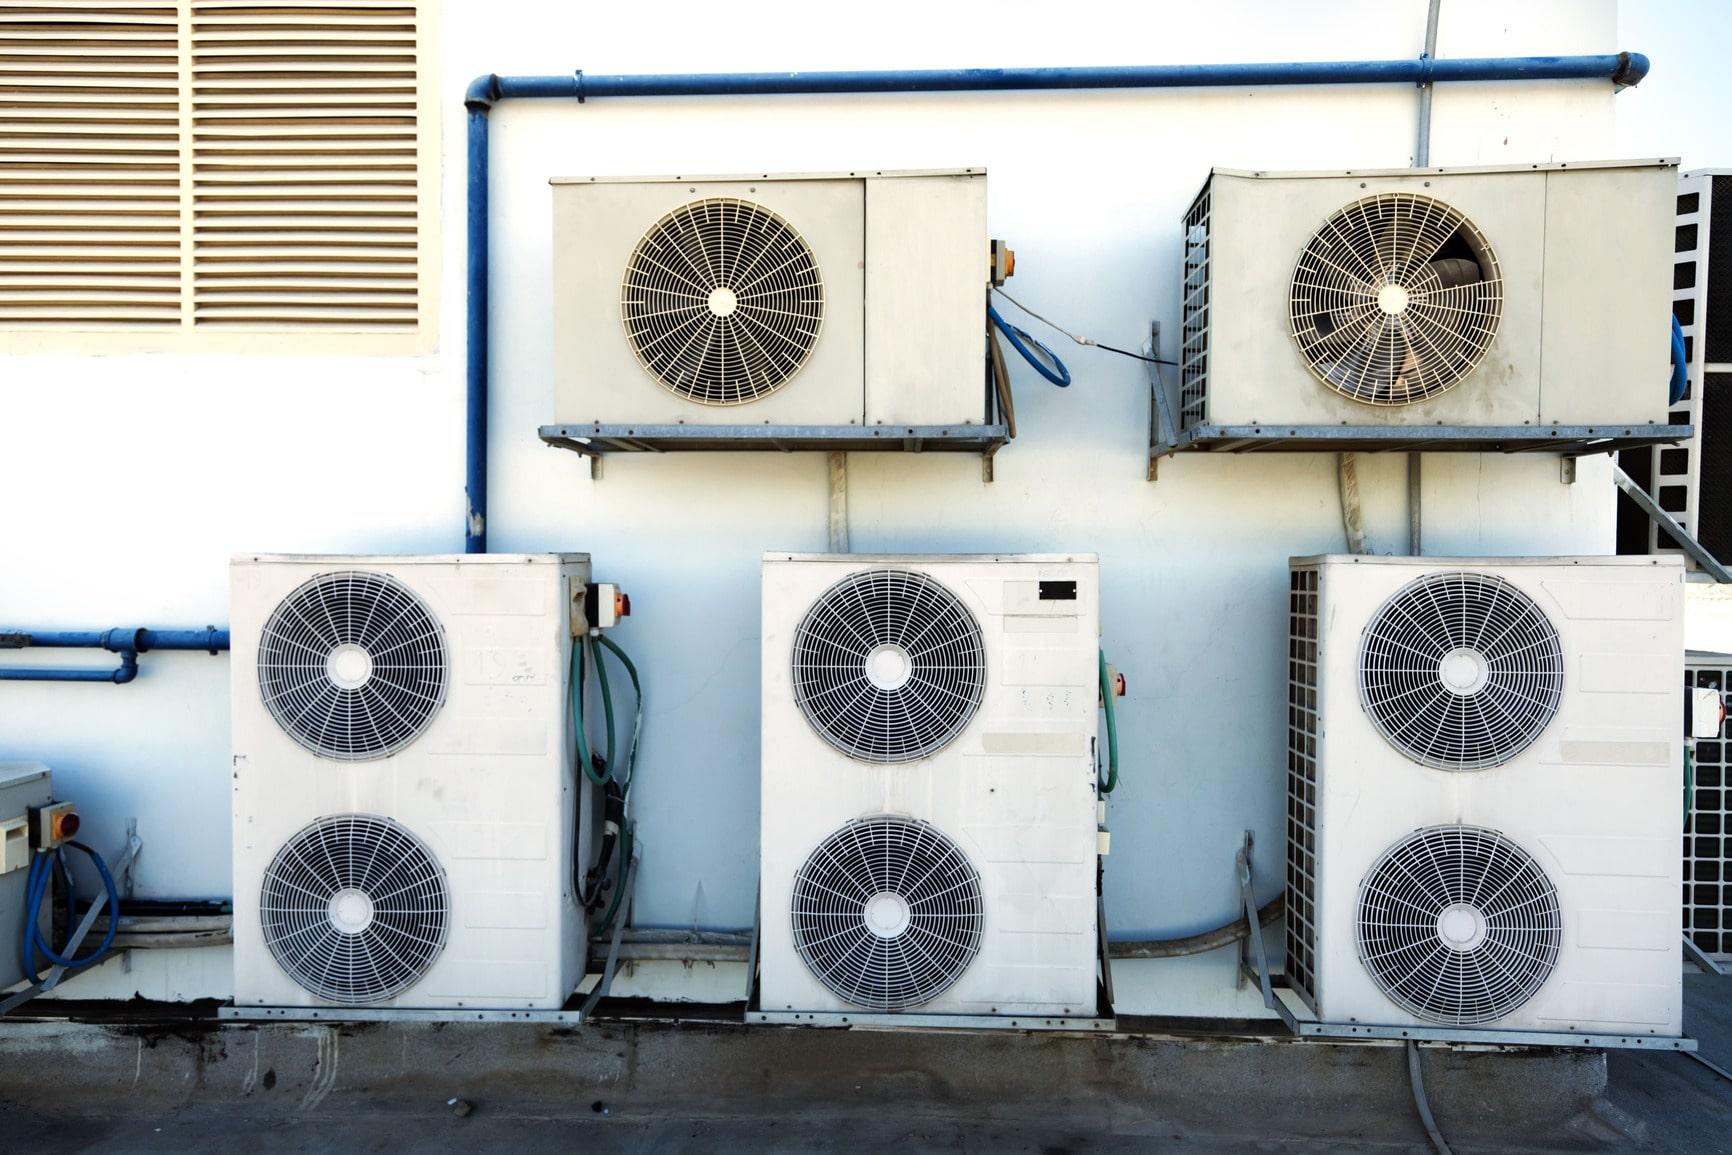 photodune-4463723-rooftop-air-handling-units-m1